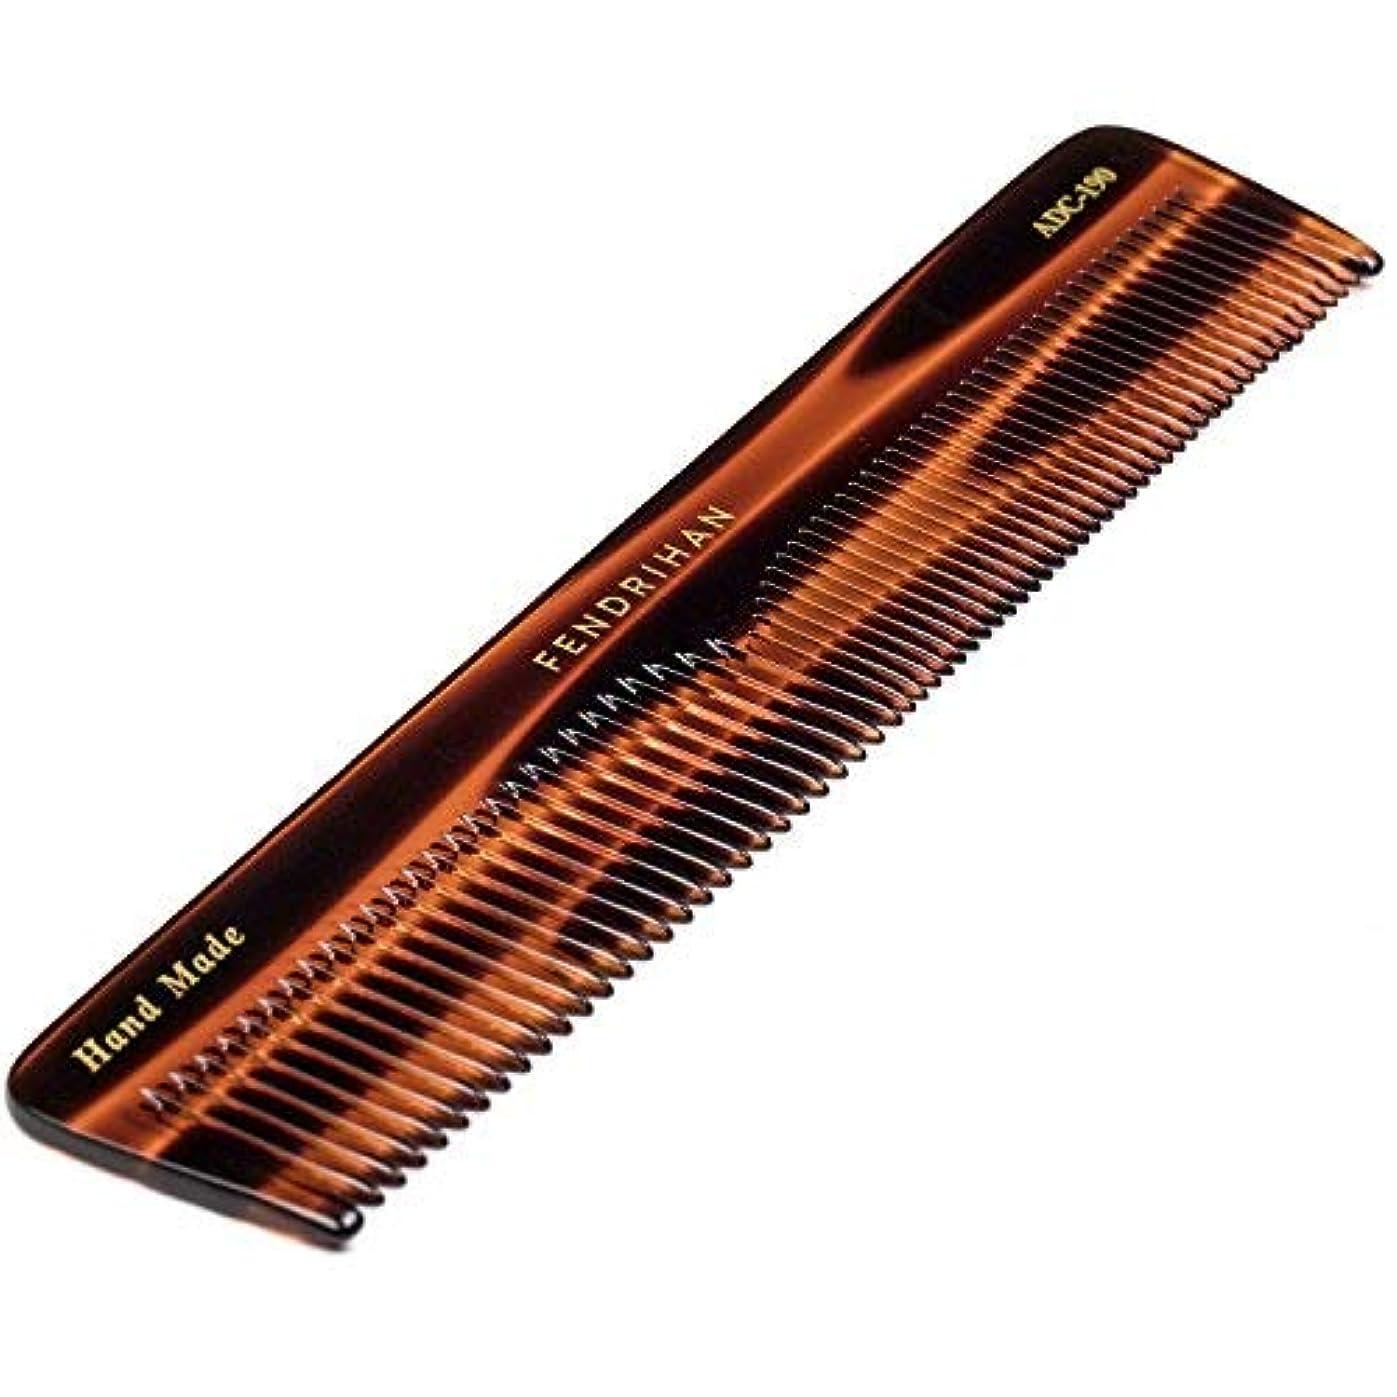 乱すオープニングキリストFendrihan Hand Finished Large Double Tooth Comb for Men, Faux Tortoise (7.3 Inches) [並行輸入品]